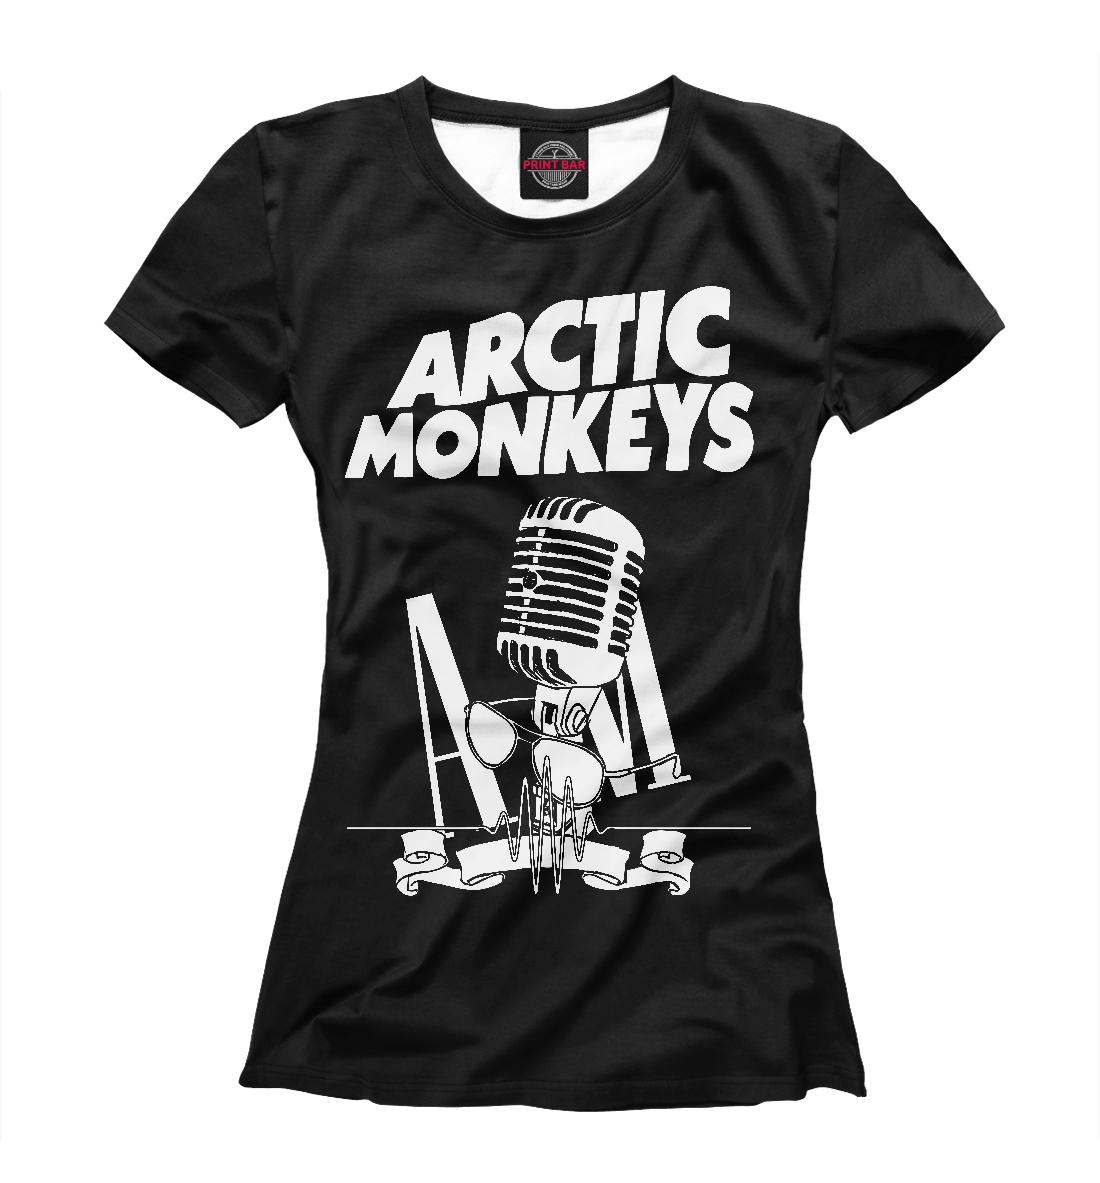 Купить Arctic Monkeys, Printbar, Футболки, AMK-917653-fut-1